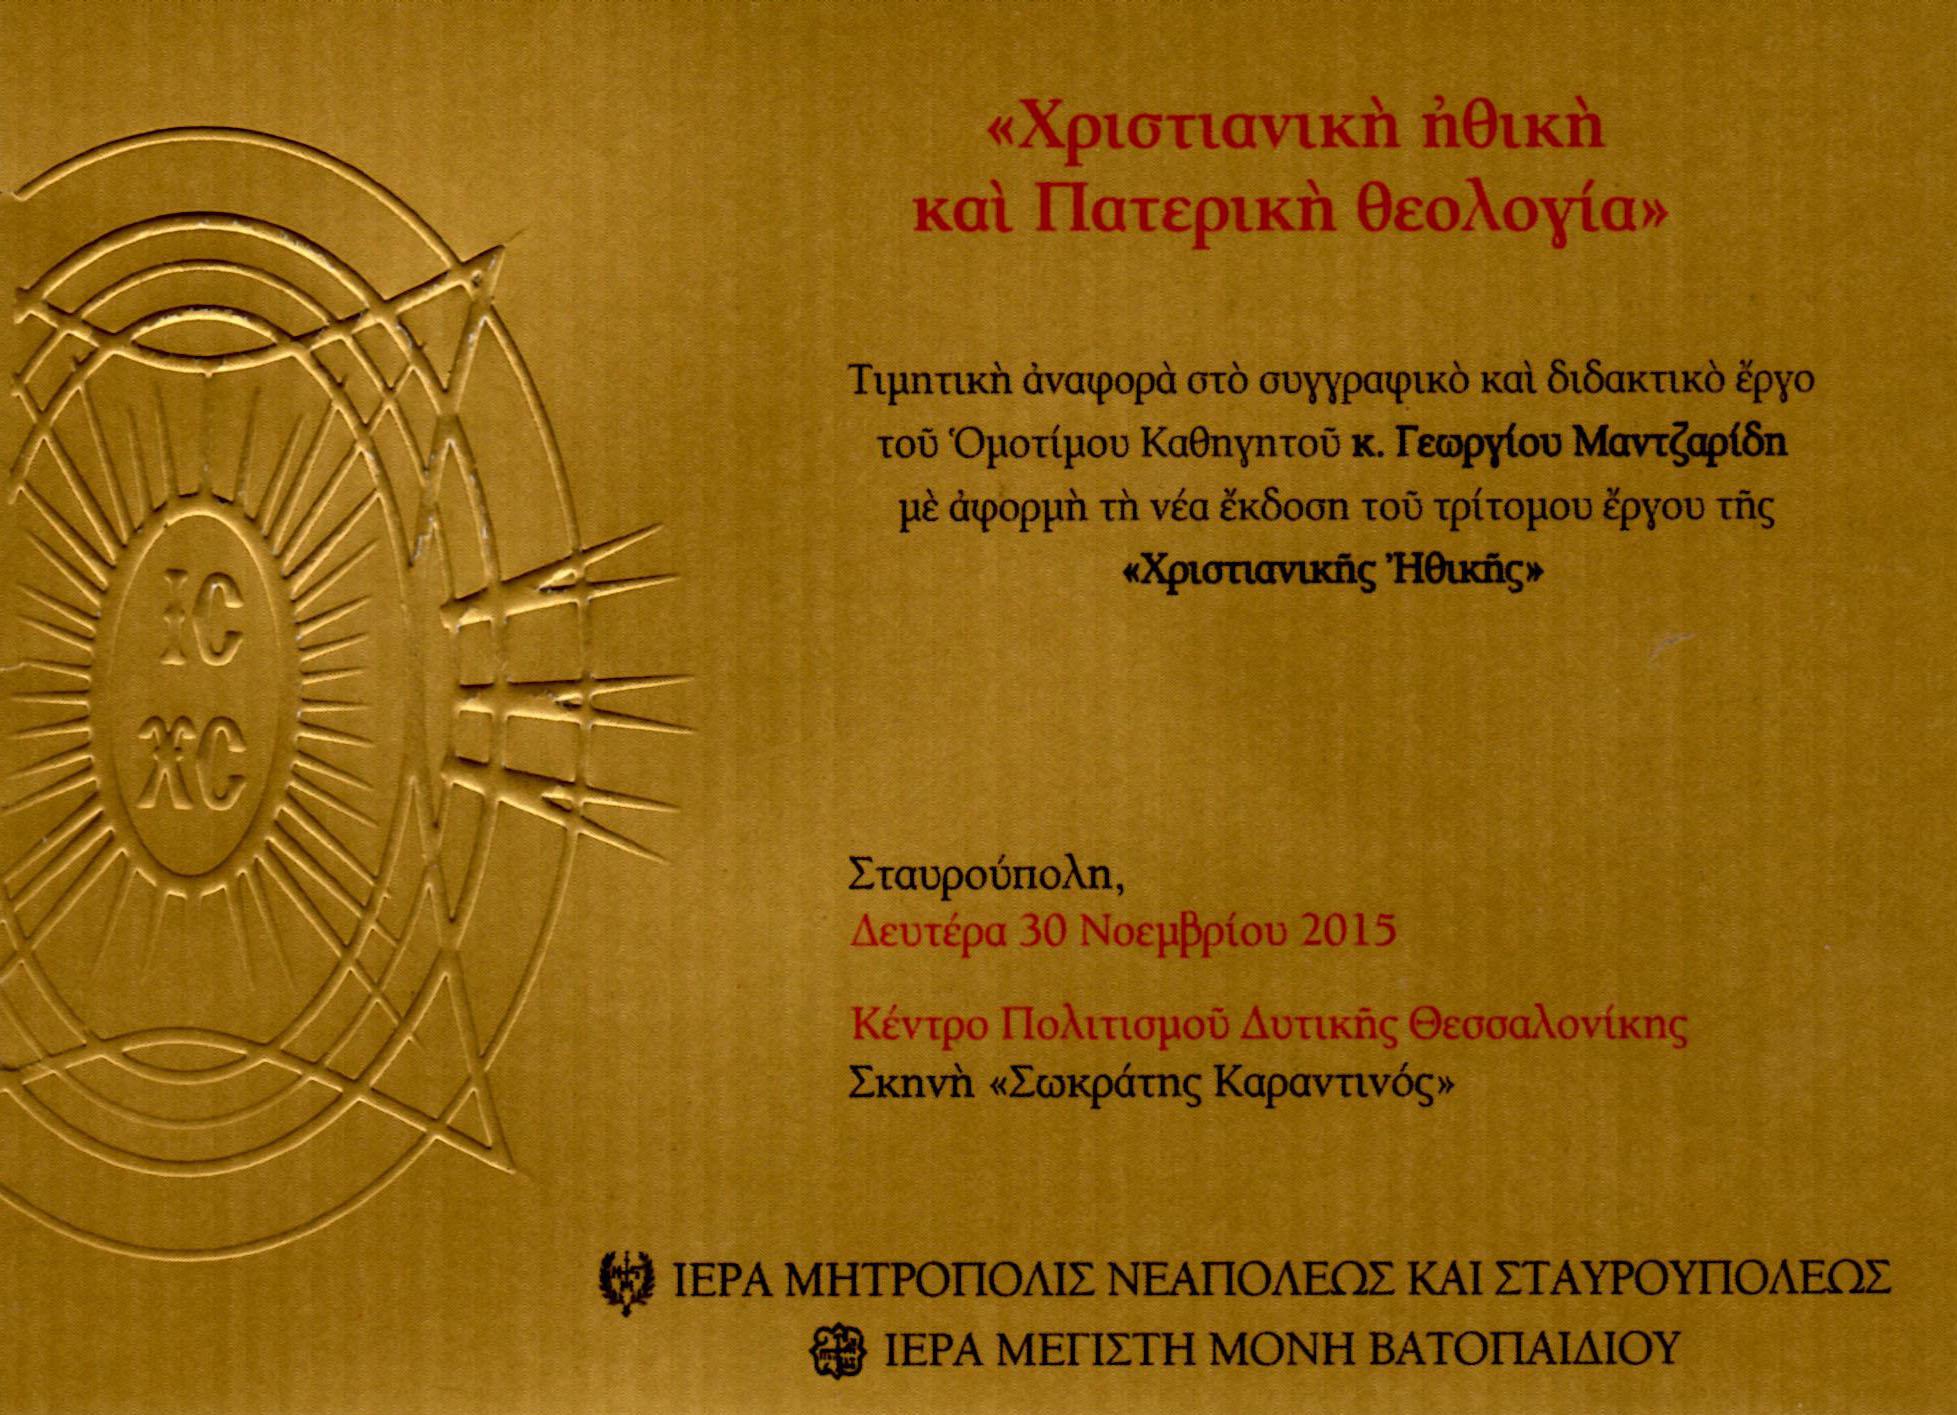 Χριστιανική Ηθική και Πατερική Θεολογία-Εκδήλωση προς τιμήν του Ομοτίμου Καθηγητού του Α.Π.Θ. κ. Γεωργίου Μαντζαρίδη-Ι.Μ.Νεαπόλεως και Σταυρουπόλεως-Ιερά Μεγίστη Μονή Βατοπαιδίου